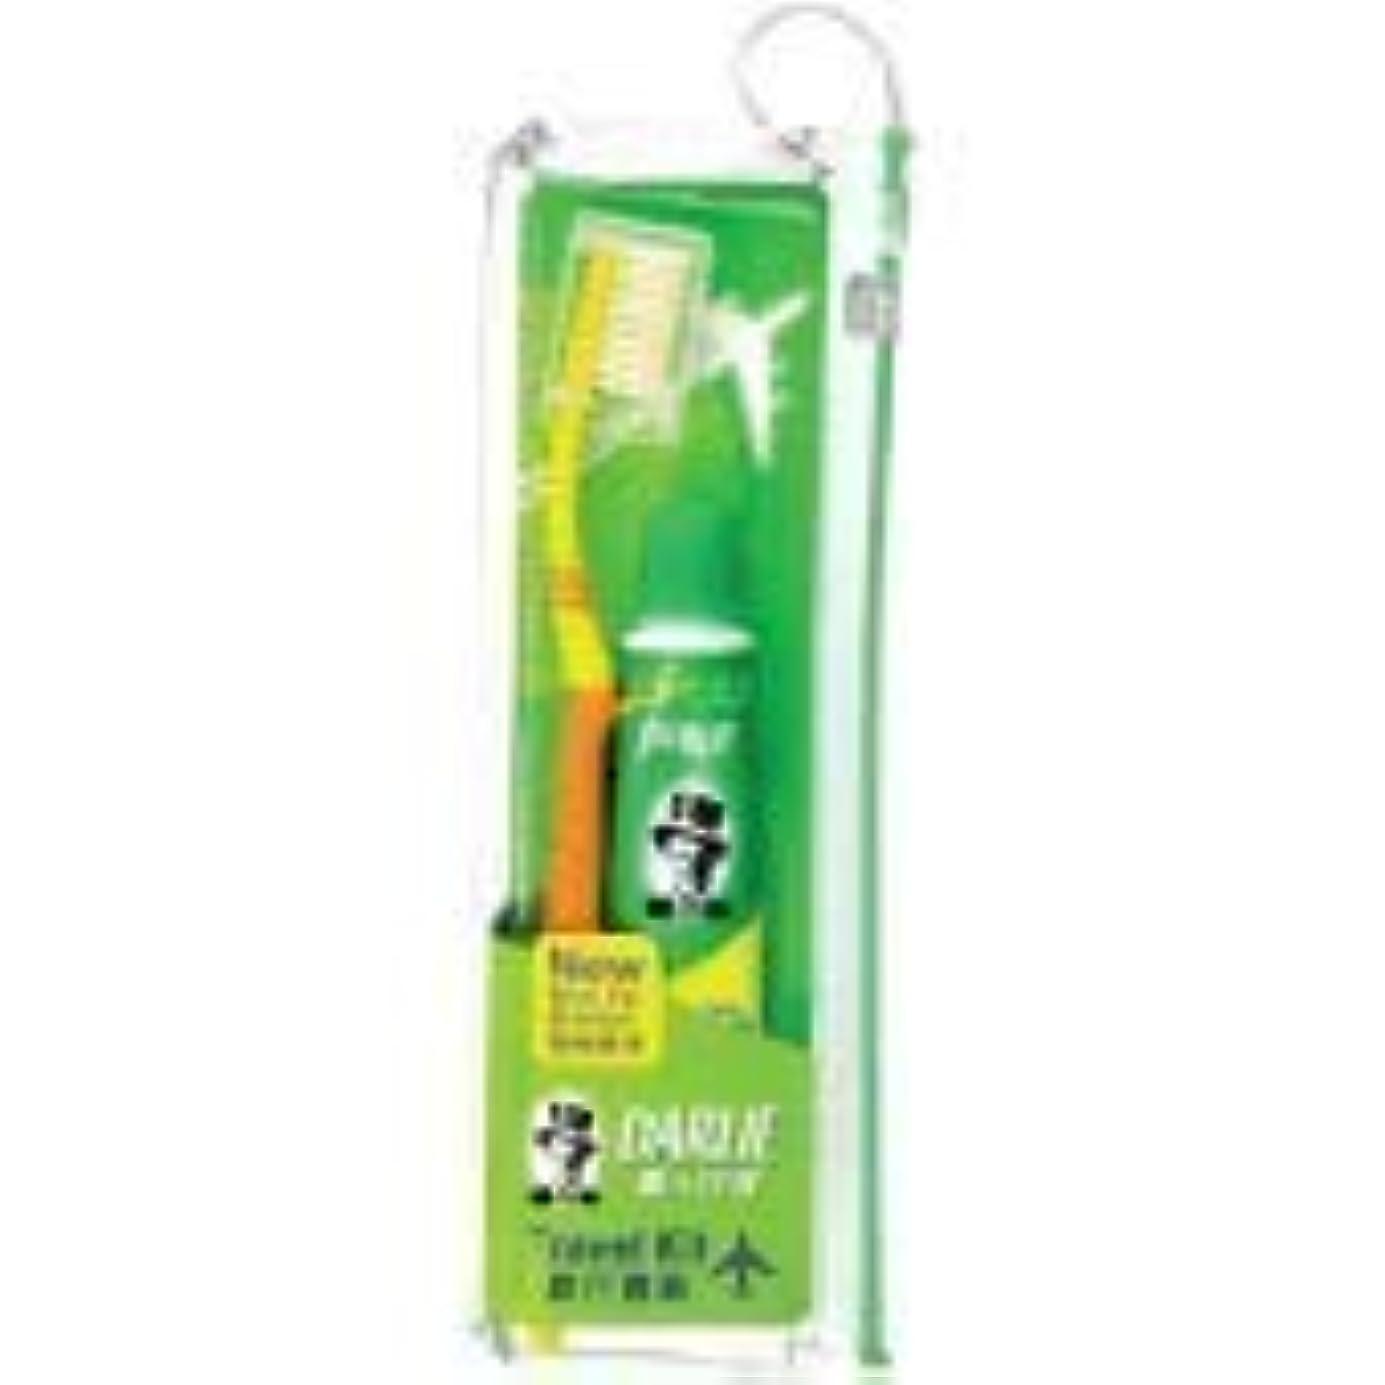 純粋なご近所領事館DARLIE 歯ブラシ旅行キット大人用媒体1 - 頻繁な旅行者にとって、シンプルさは不可欠です。ダリーダブルアクショントラベルキット